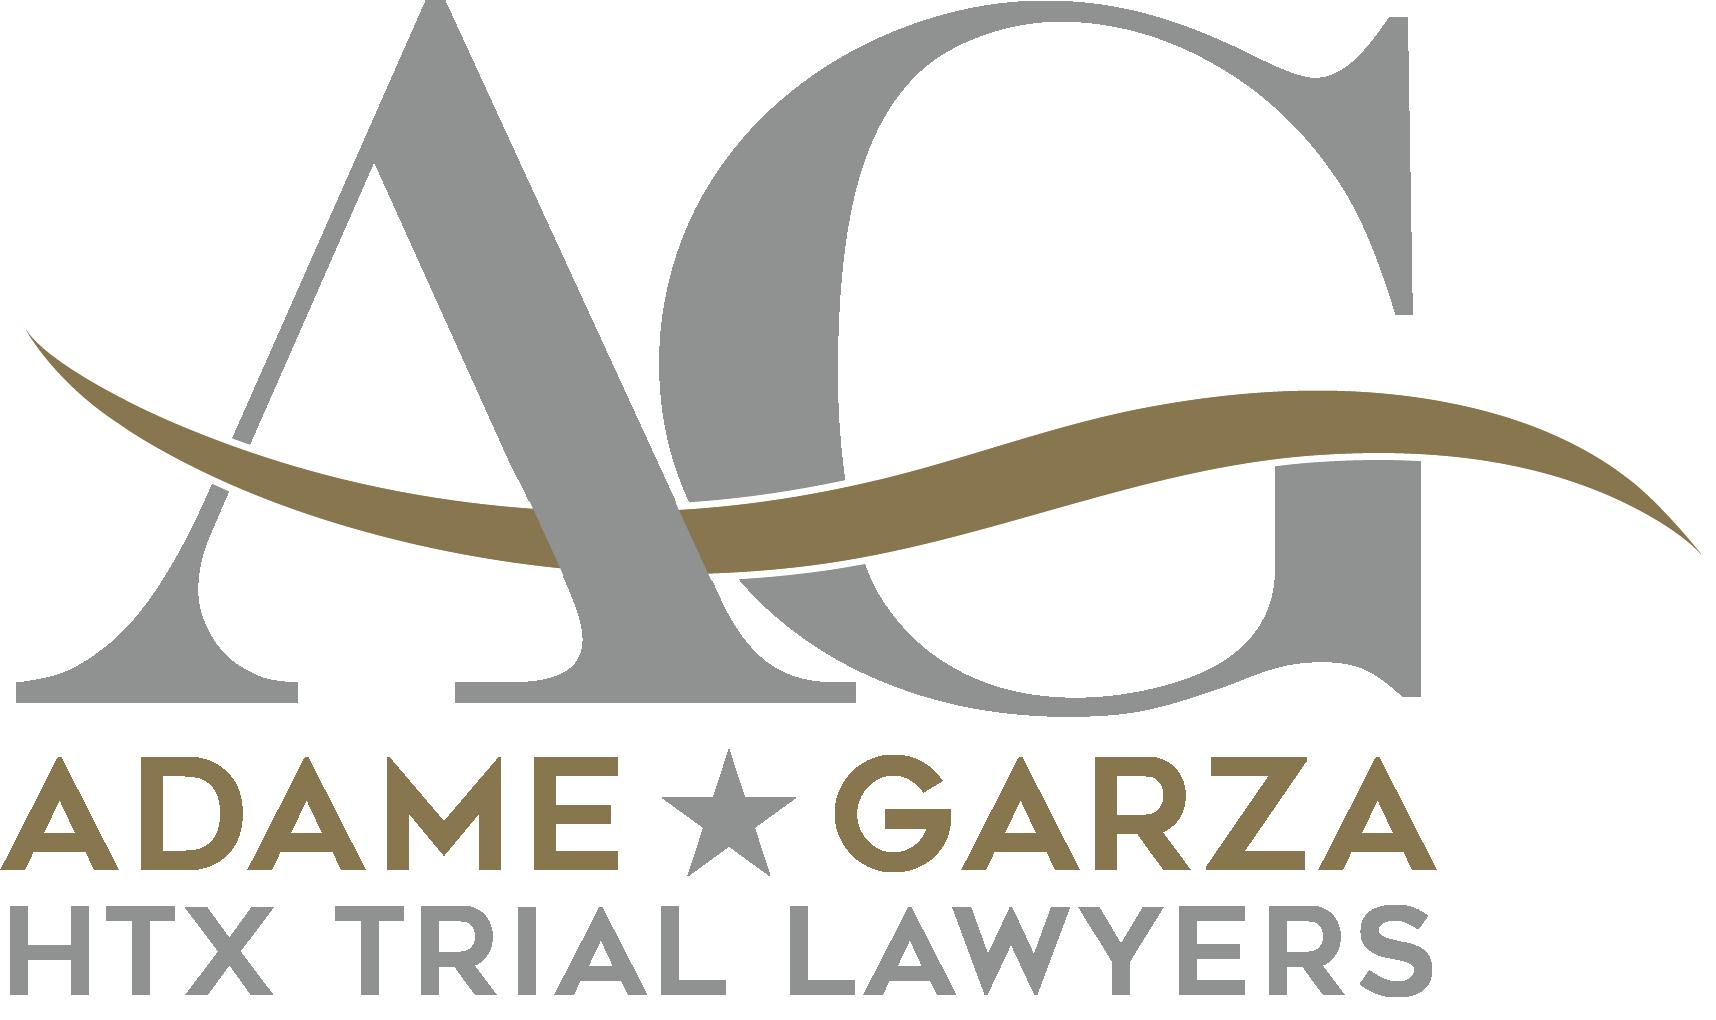 Adame - Garza LLP logo